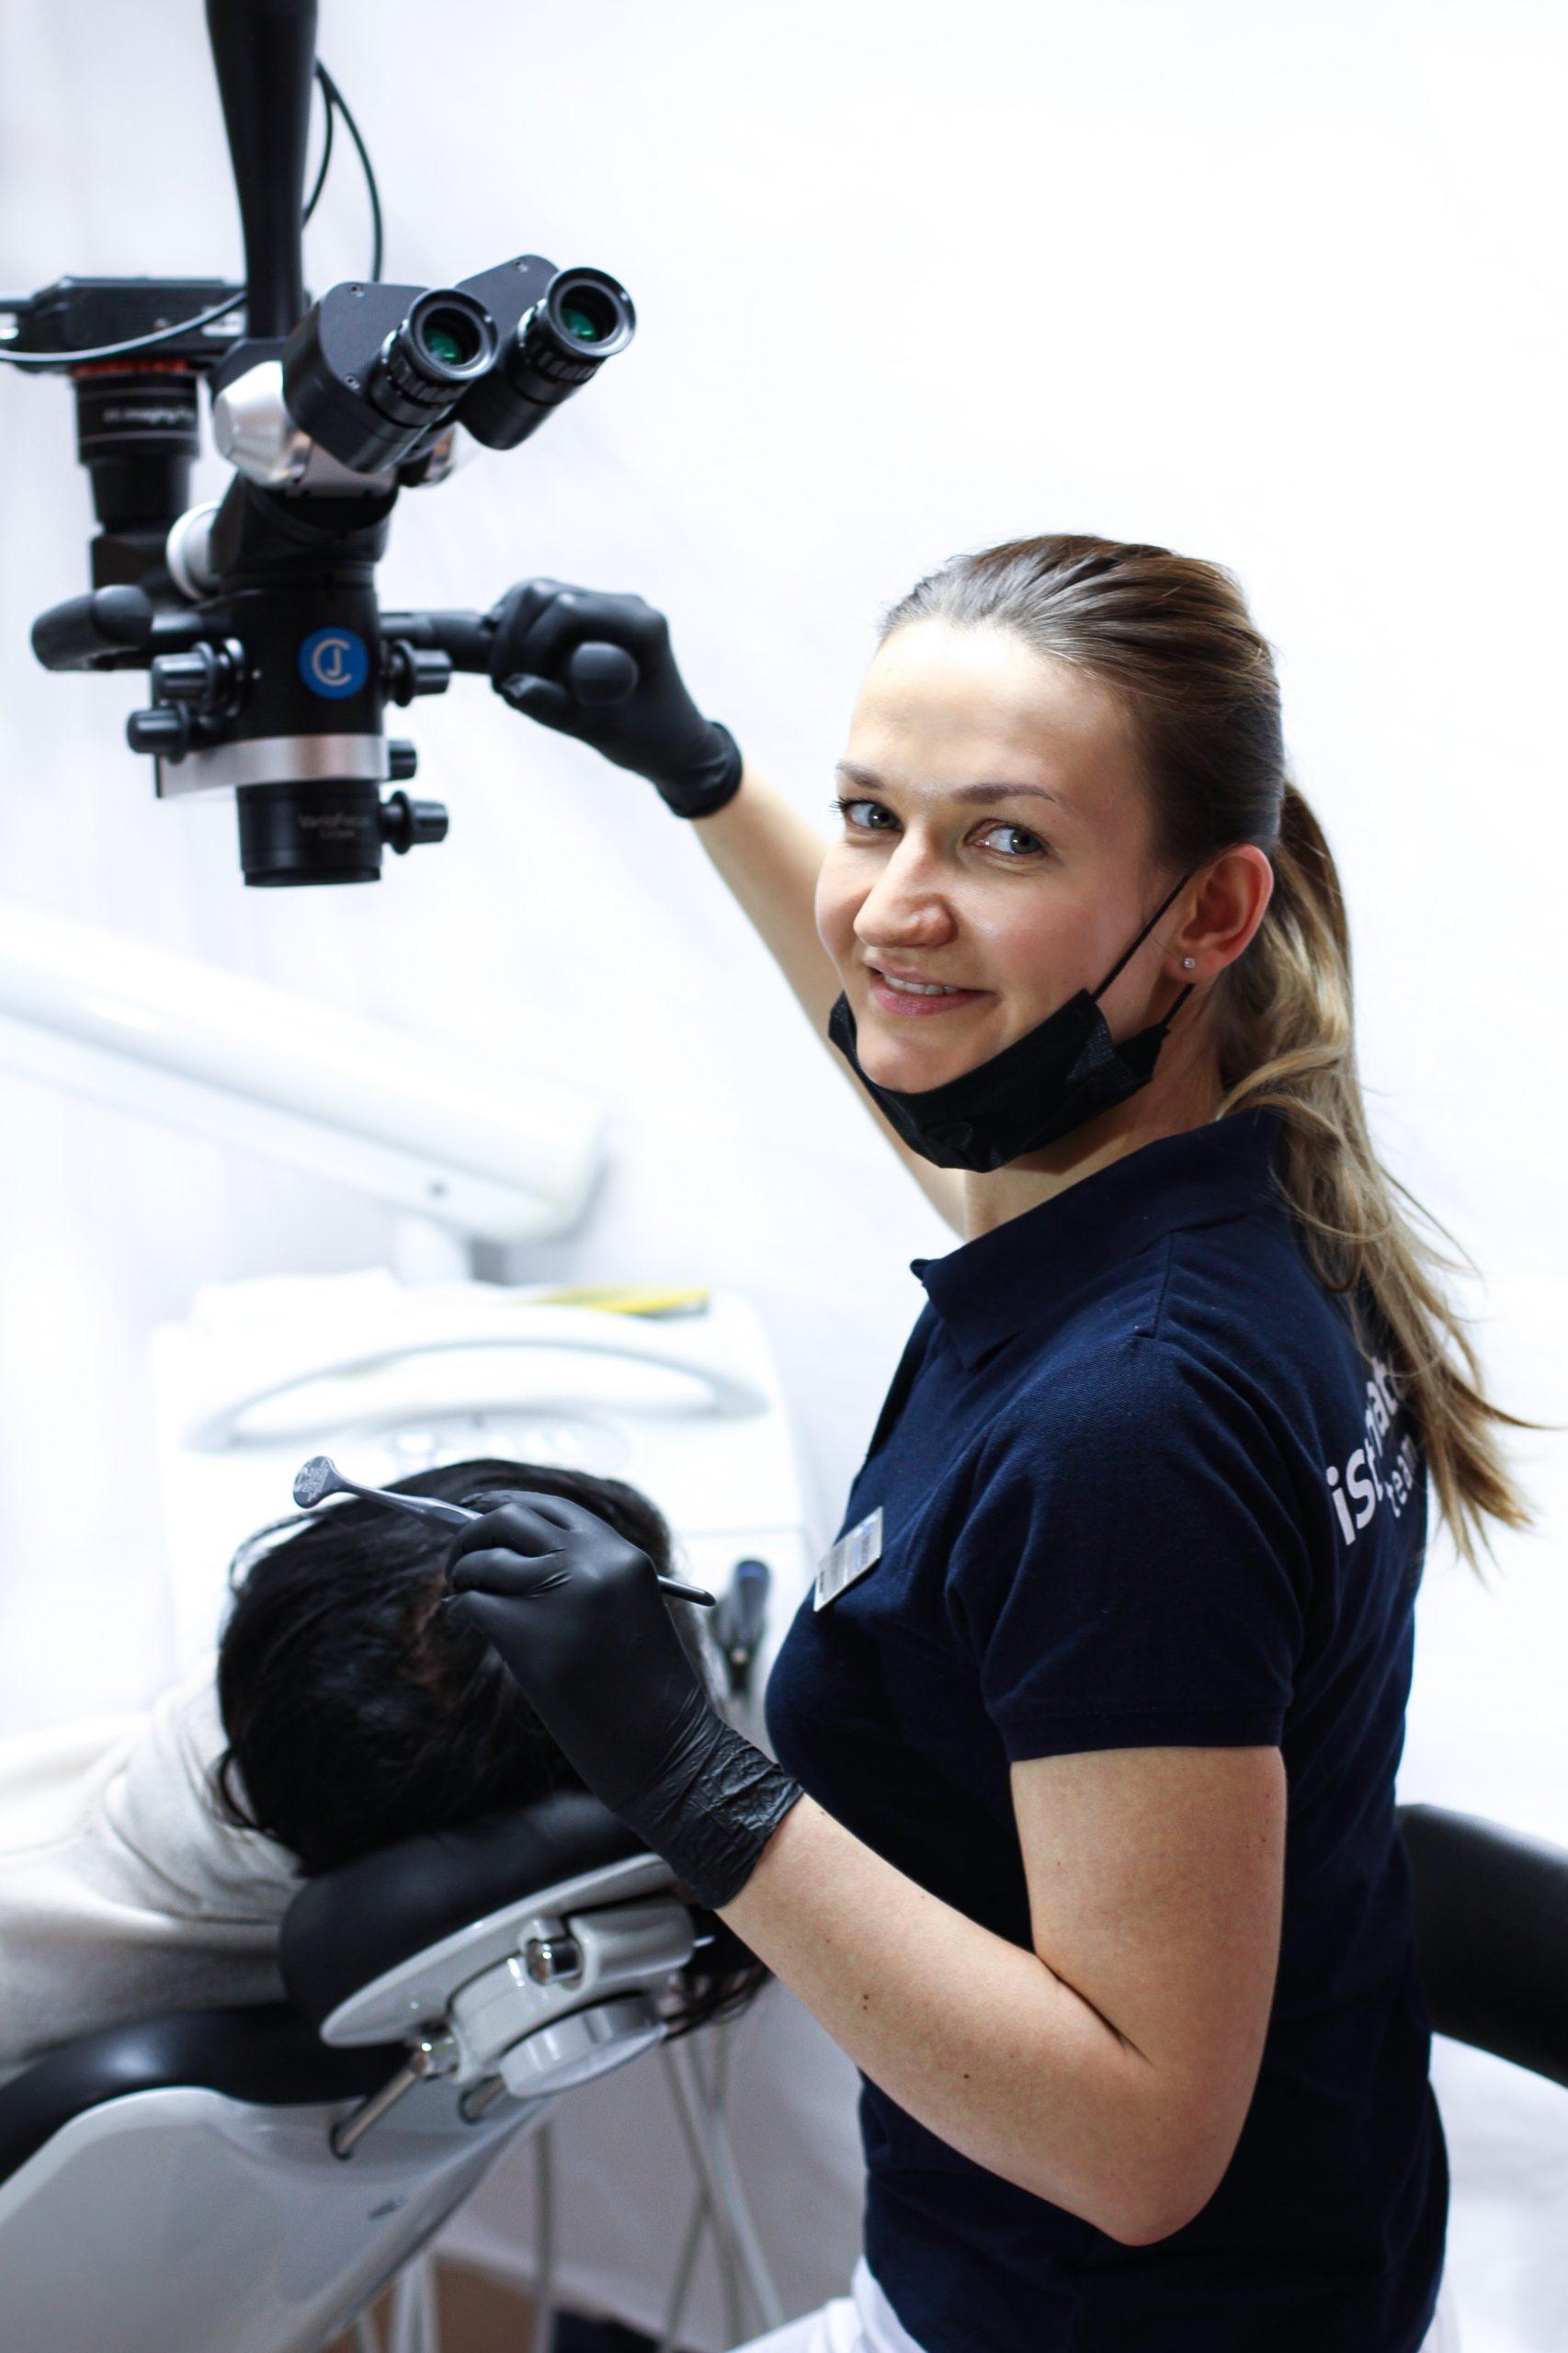 Лечение каналов с микроскопом